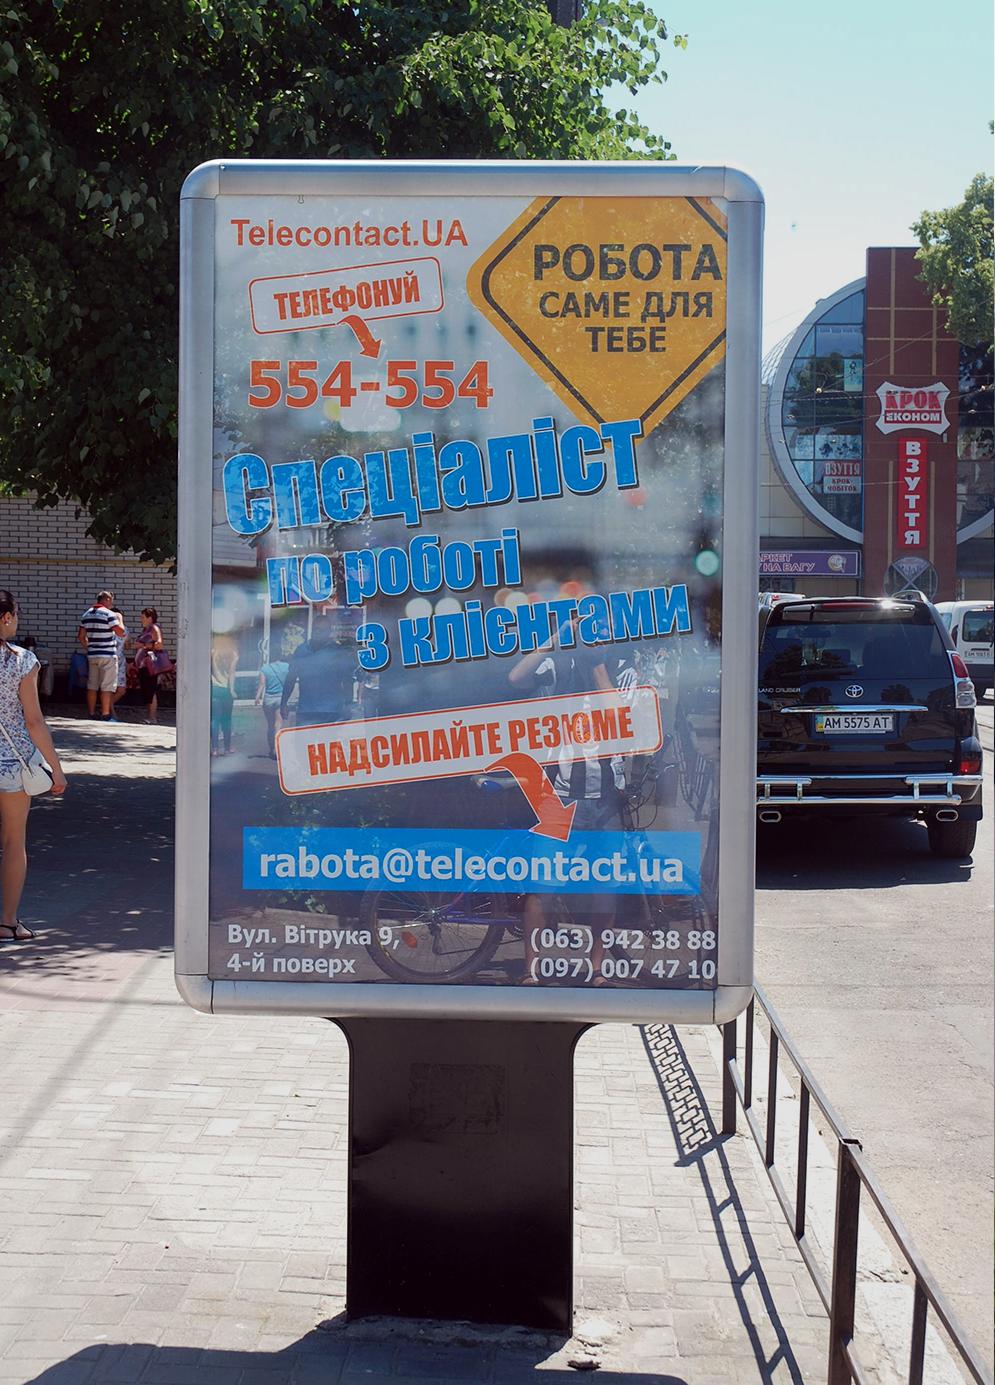 Сітілайти встановлені на багатолюдних вулицях Житомира